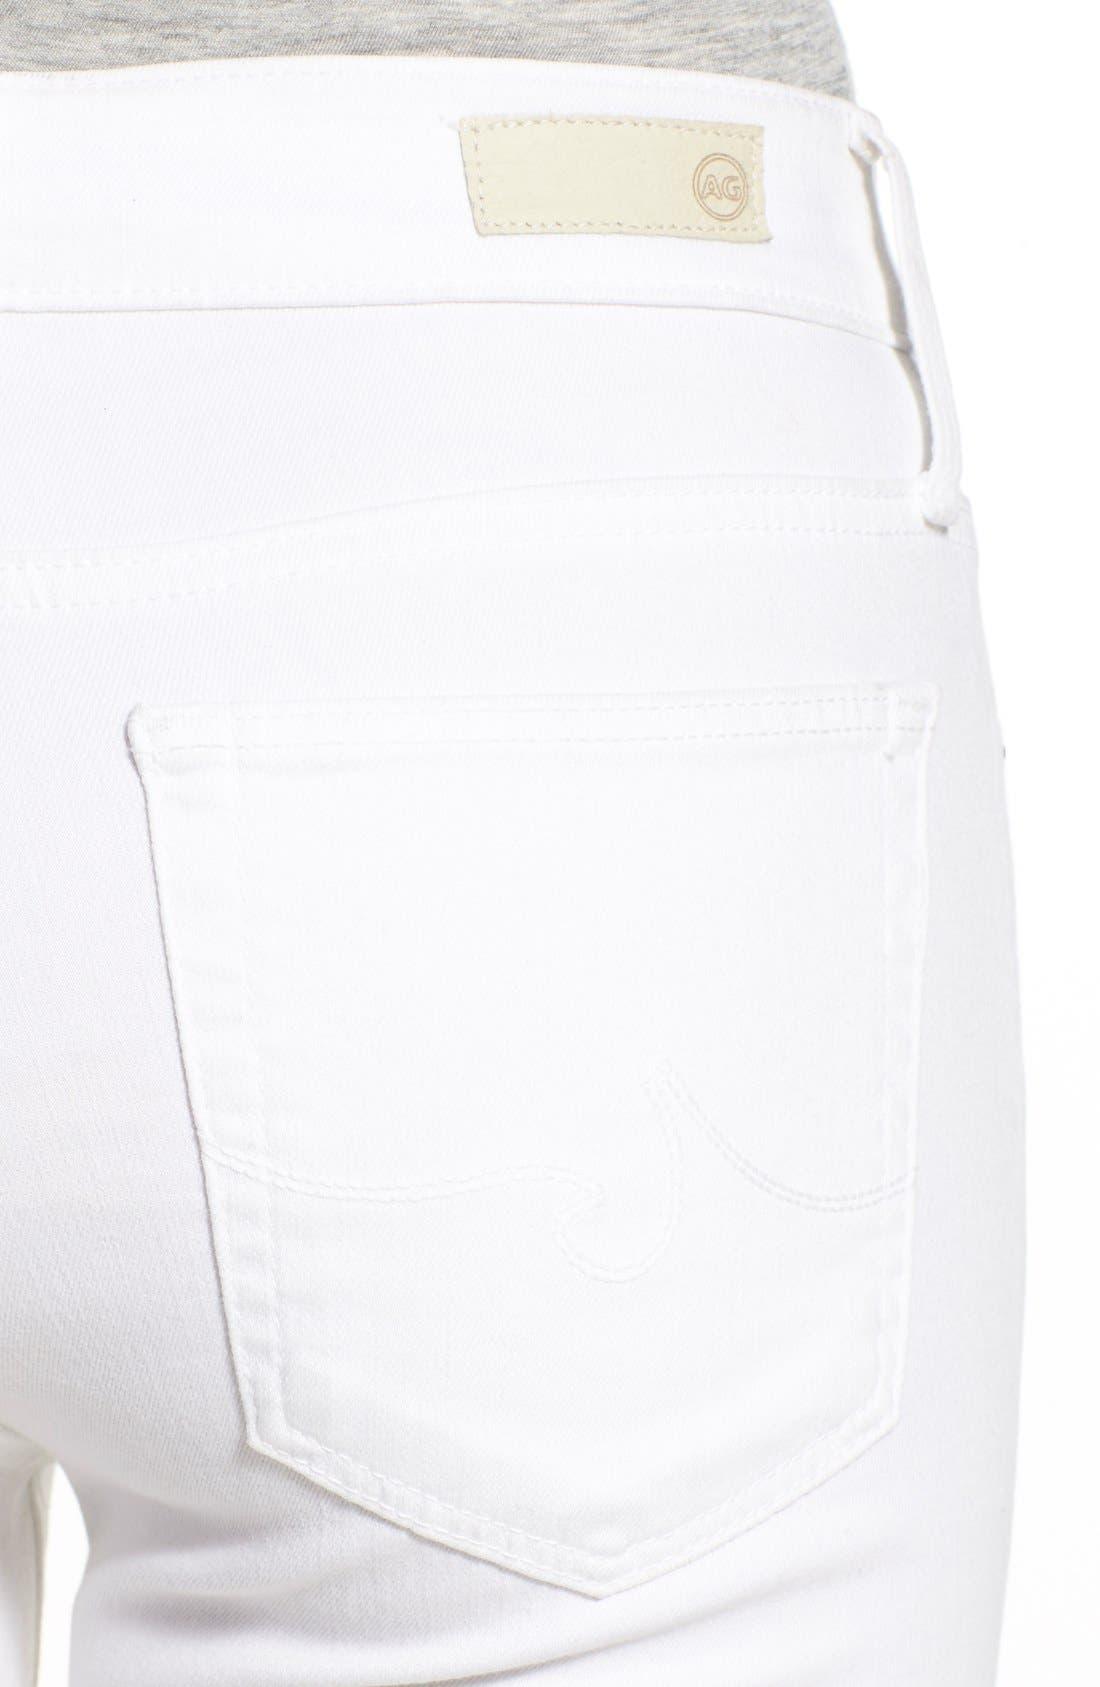 Farrah High Waist Skinny Jeans,                             Alternate thumbnail 4, color,                             WHITE